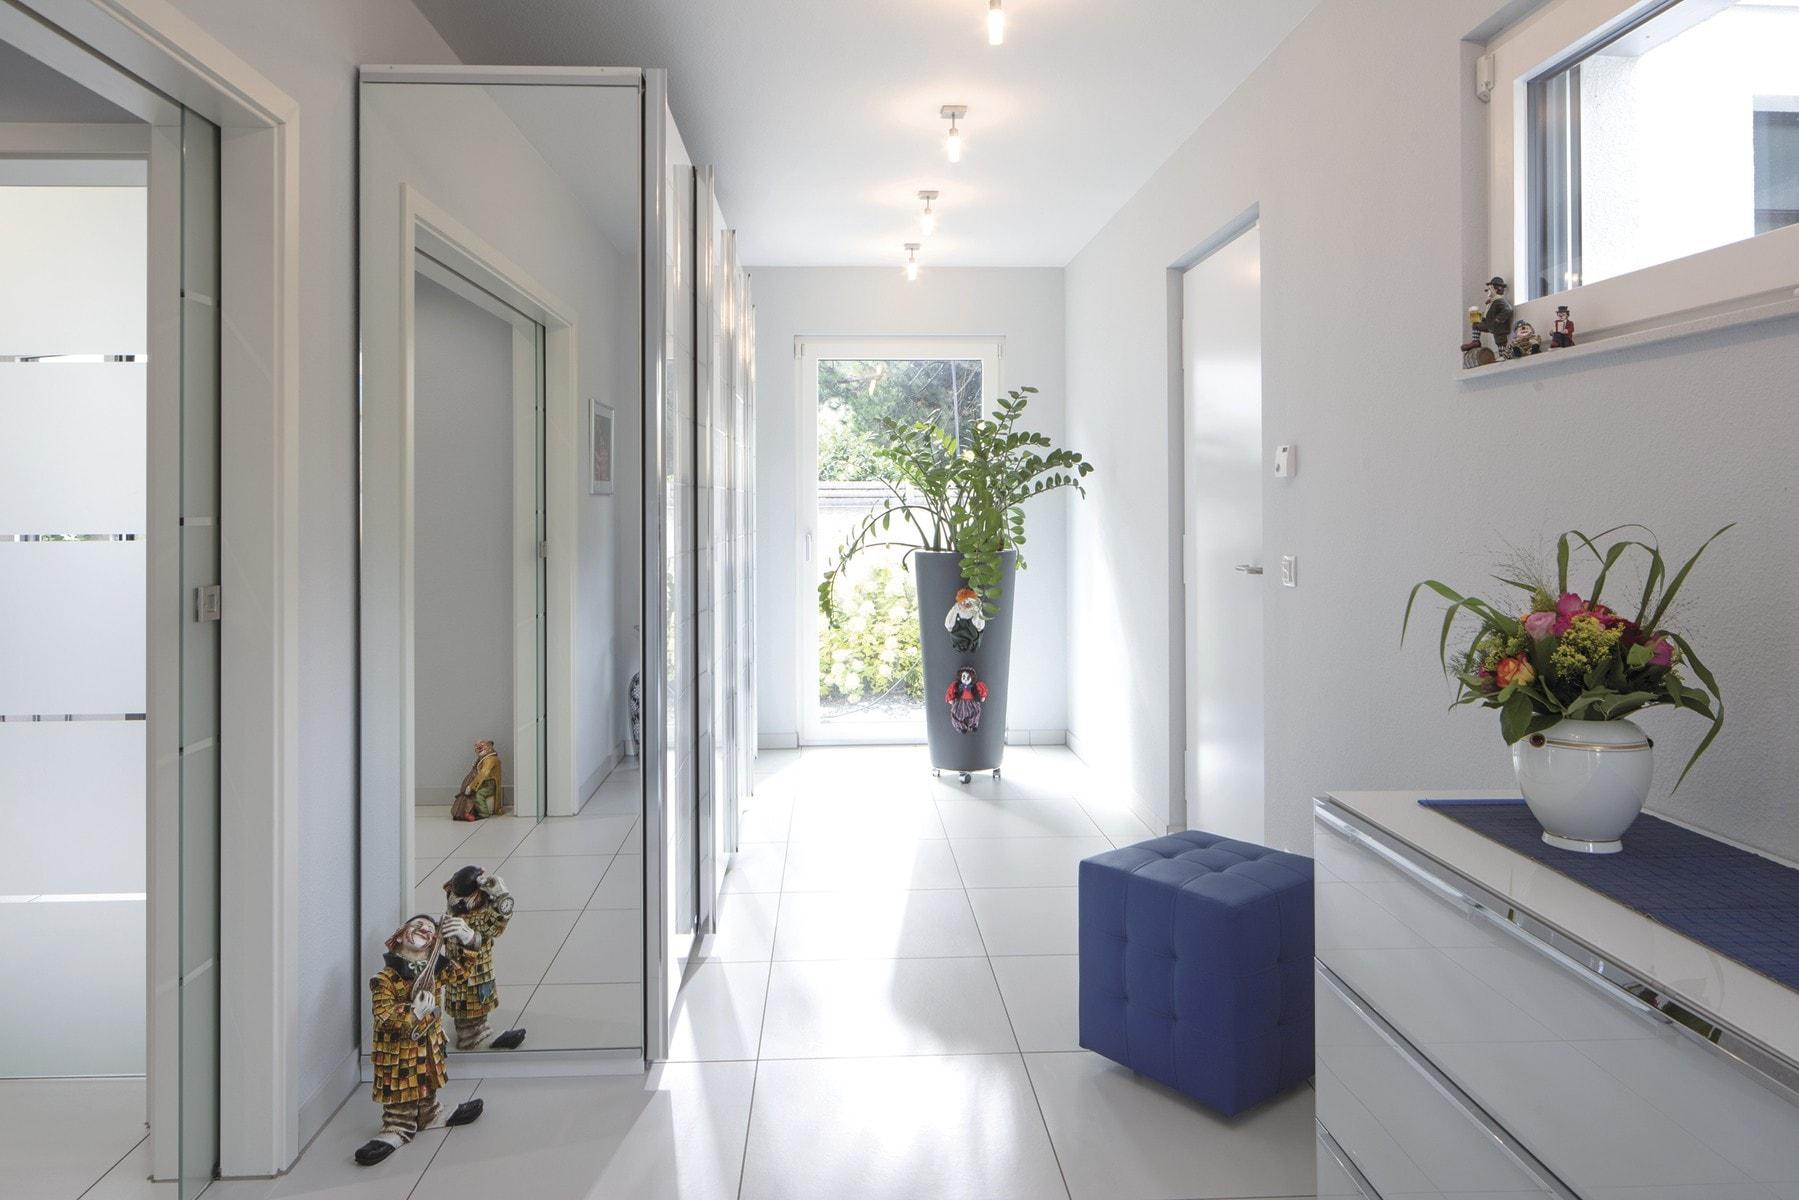 Flur mit weißen Fliesen - Stadtvilla Inneneinrichtung Haus Ideen Fertighaus CityLife WeberHaus - HausbauDirekt.de